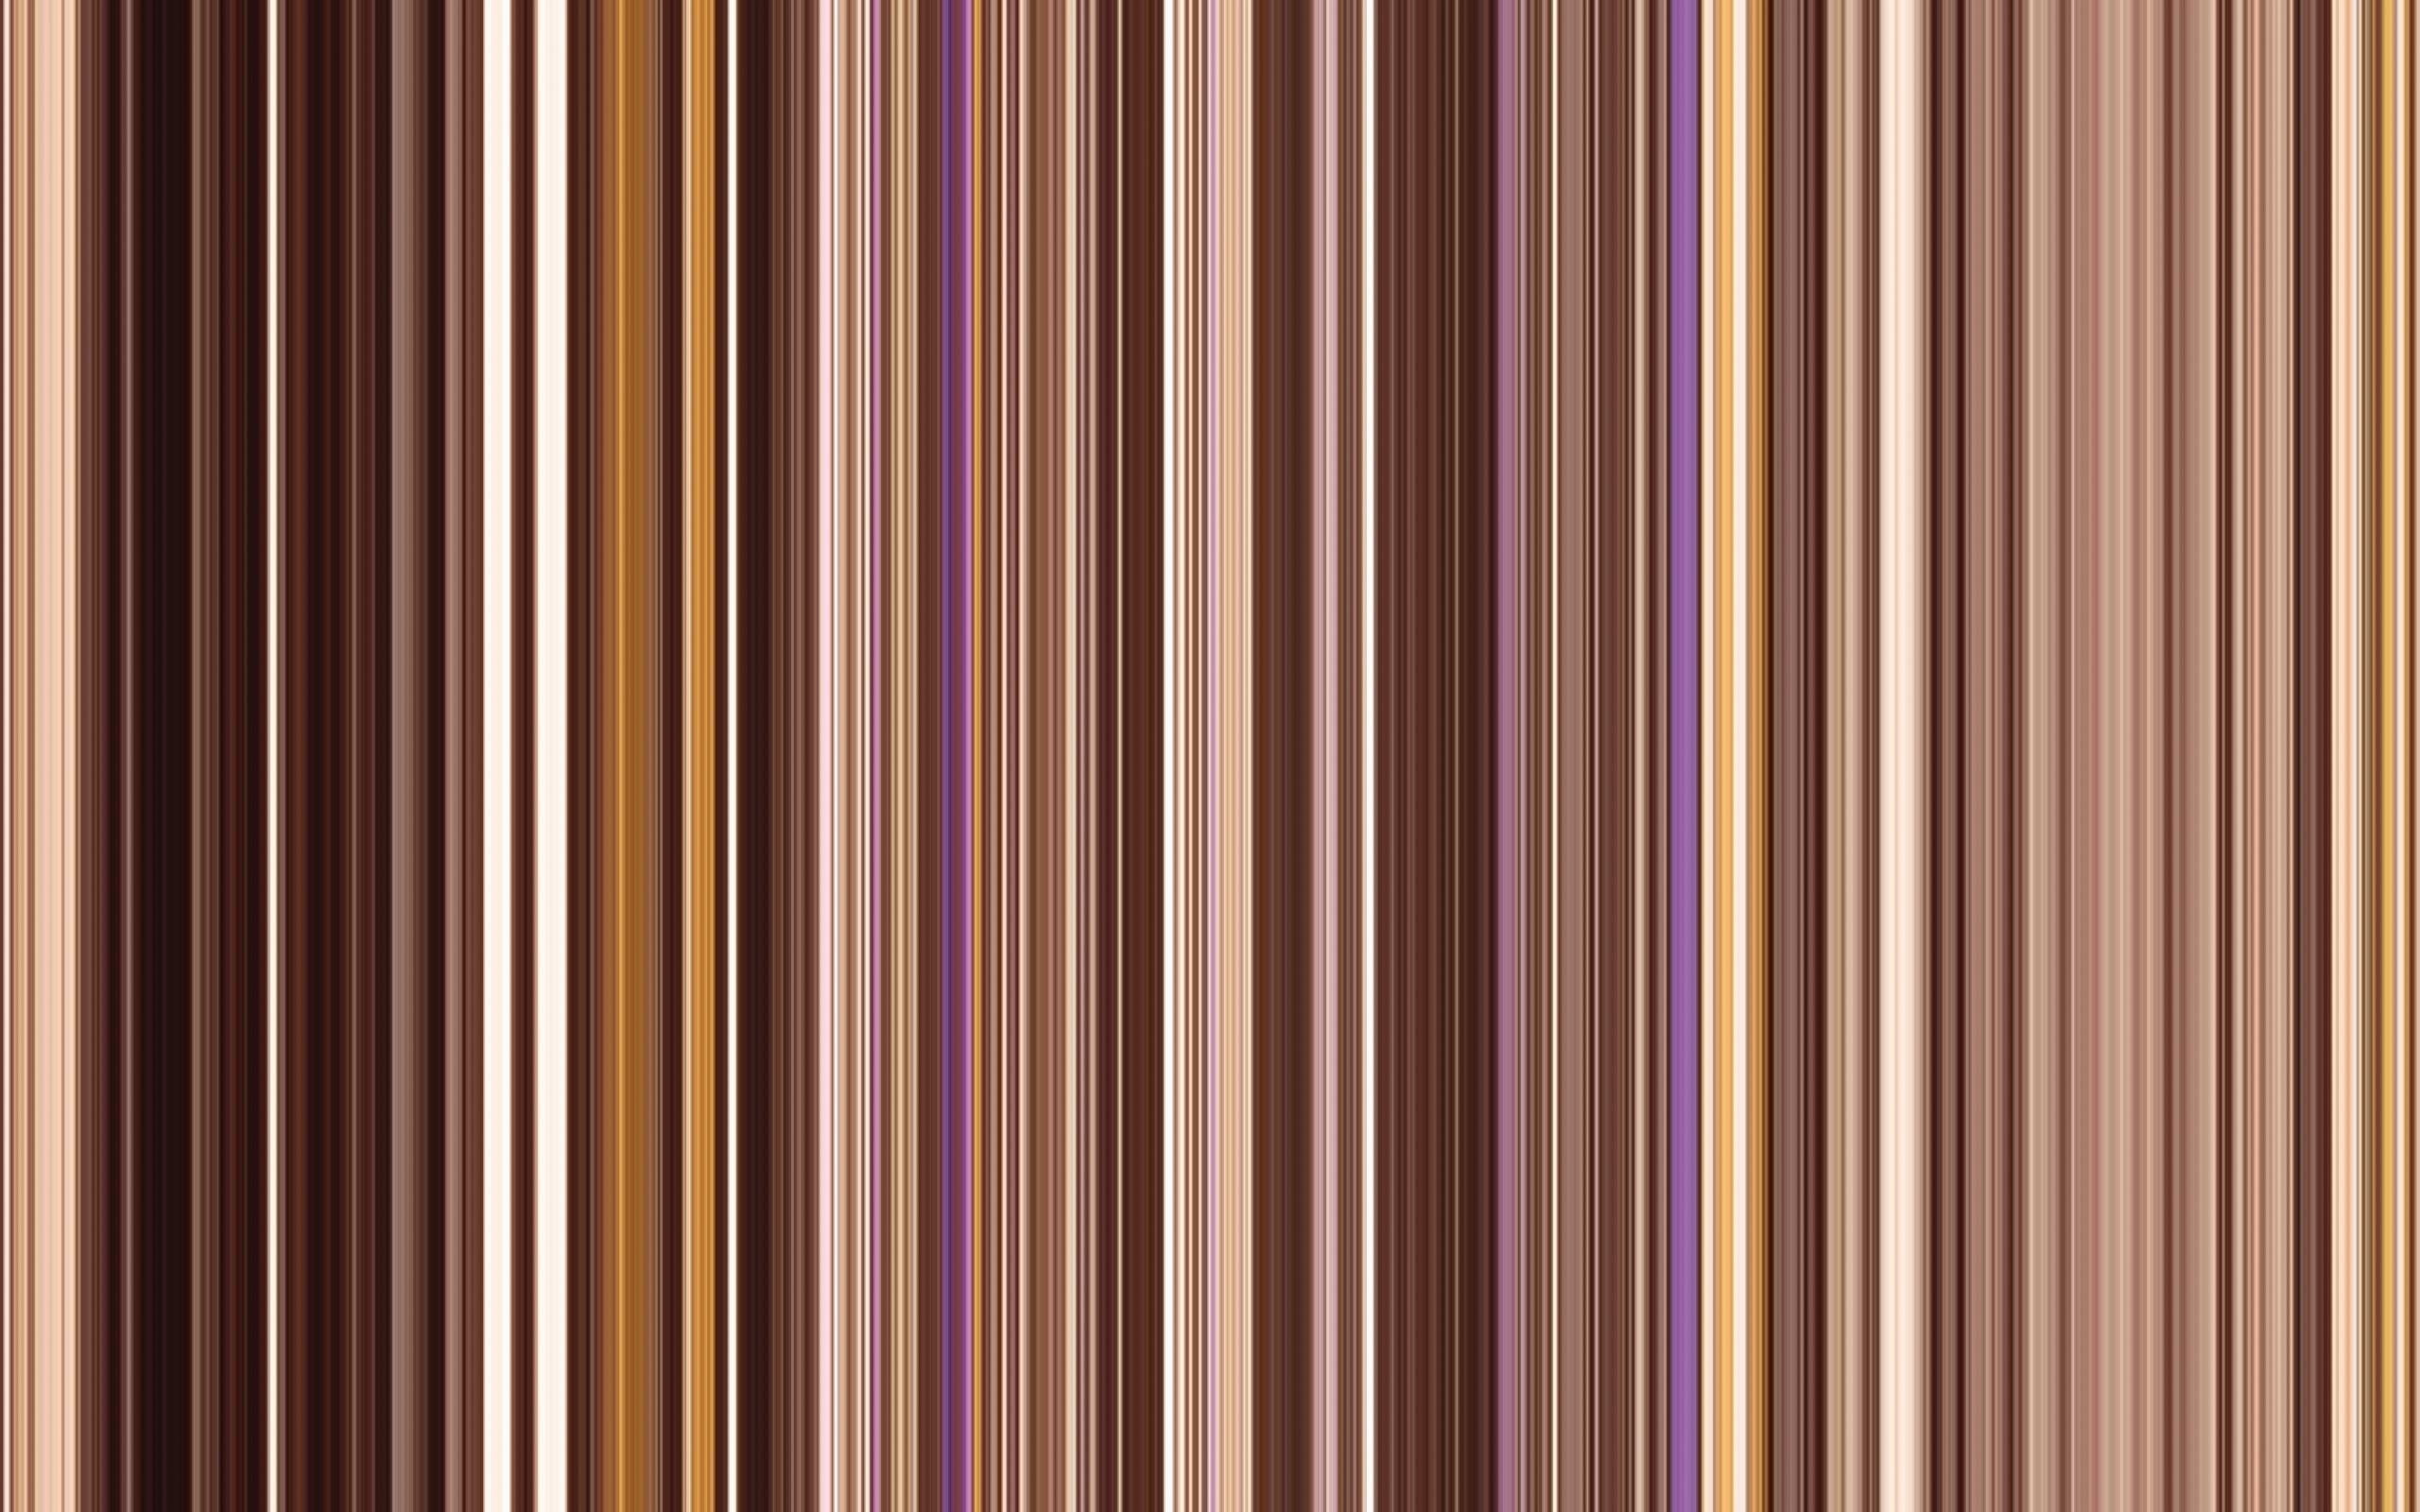 [Resim: lines_texture10873nuvu.jpg]